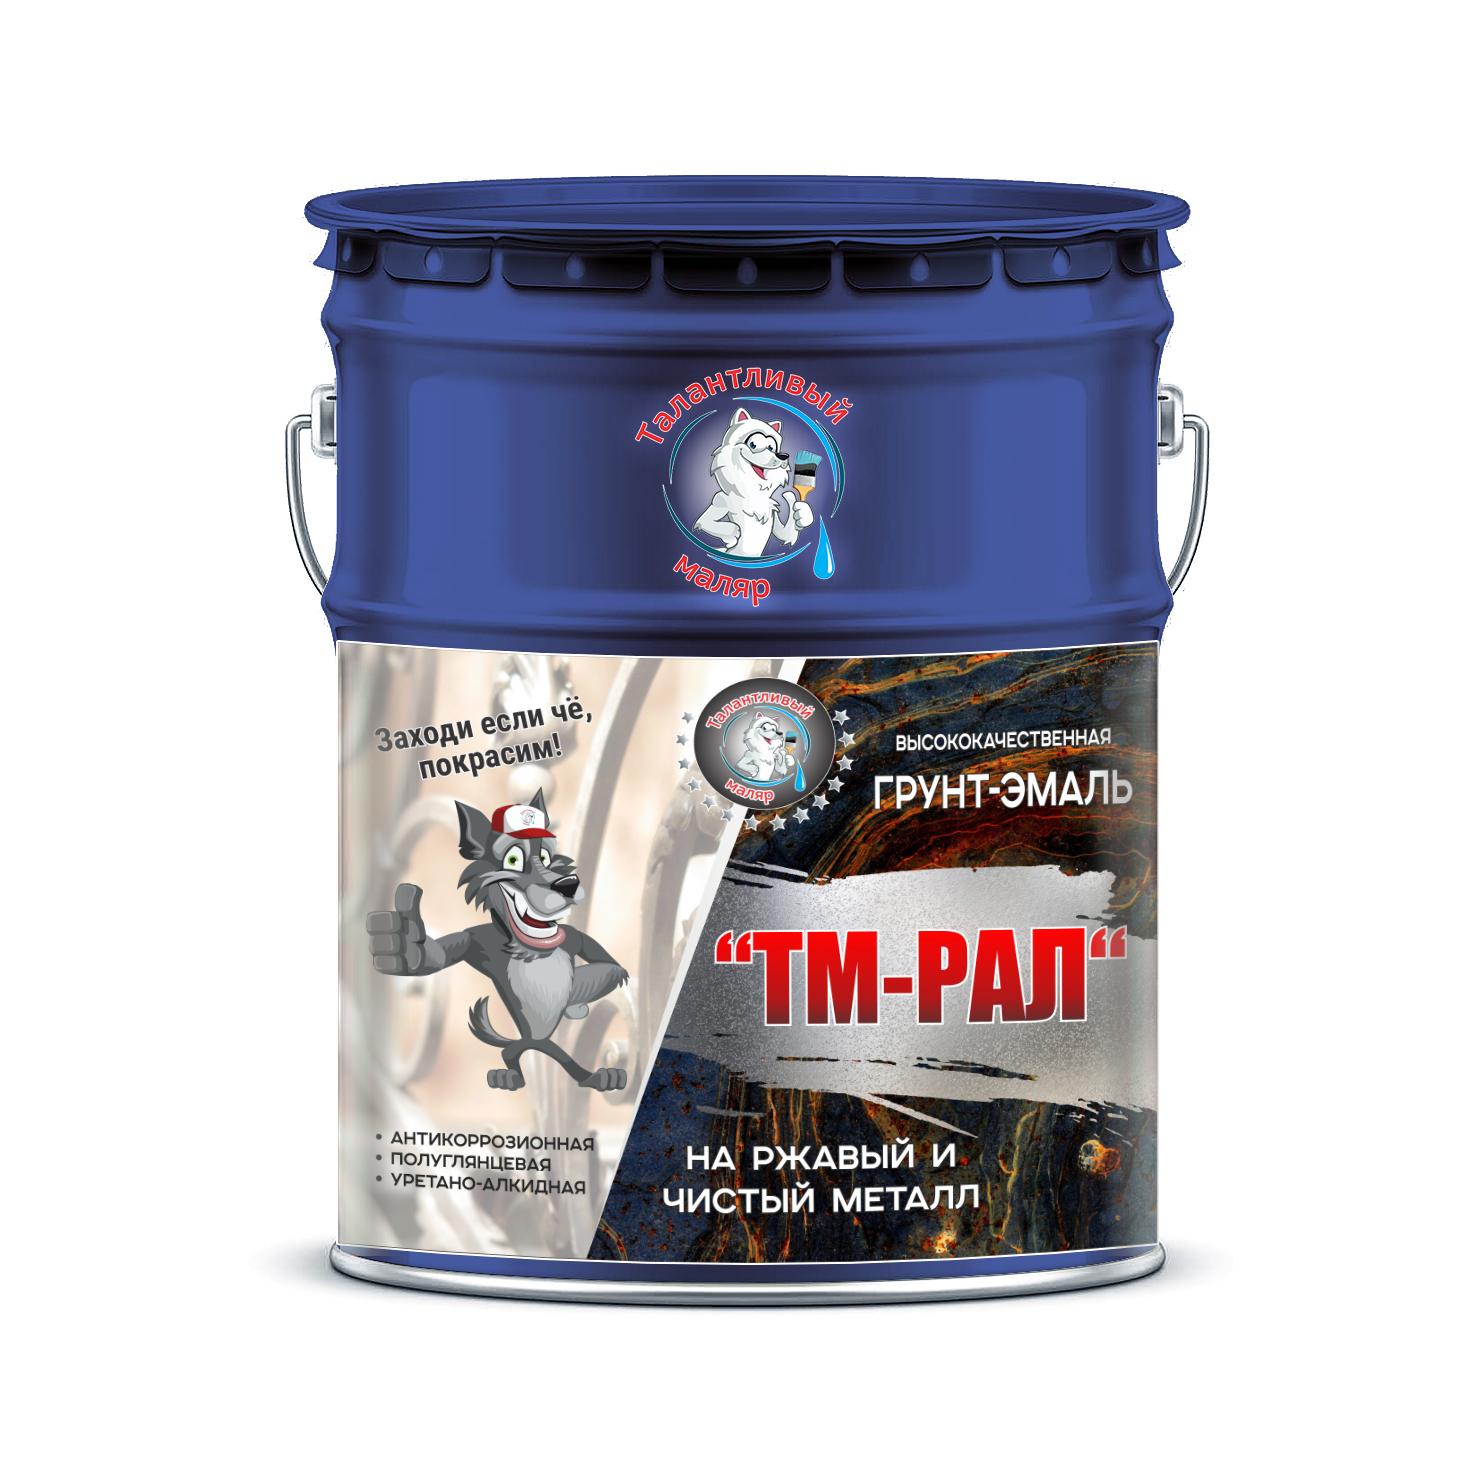 """Фото 13 - TM5013 Грунт-Эмаль """"ТМ РАЛ"""" уретано-алкидная 3 в 1 цвет RAL 5013 Кобальтово-синий, антикоррозионная,  полуглянцевая для черных металлов, 20 кг """"Талантливый маляр""""."""